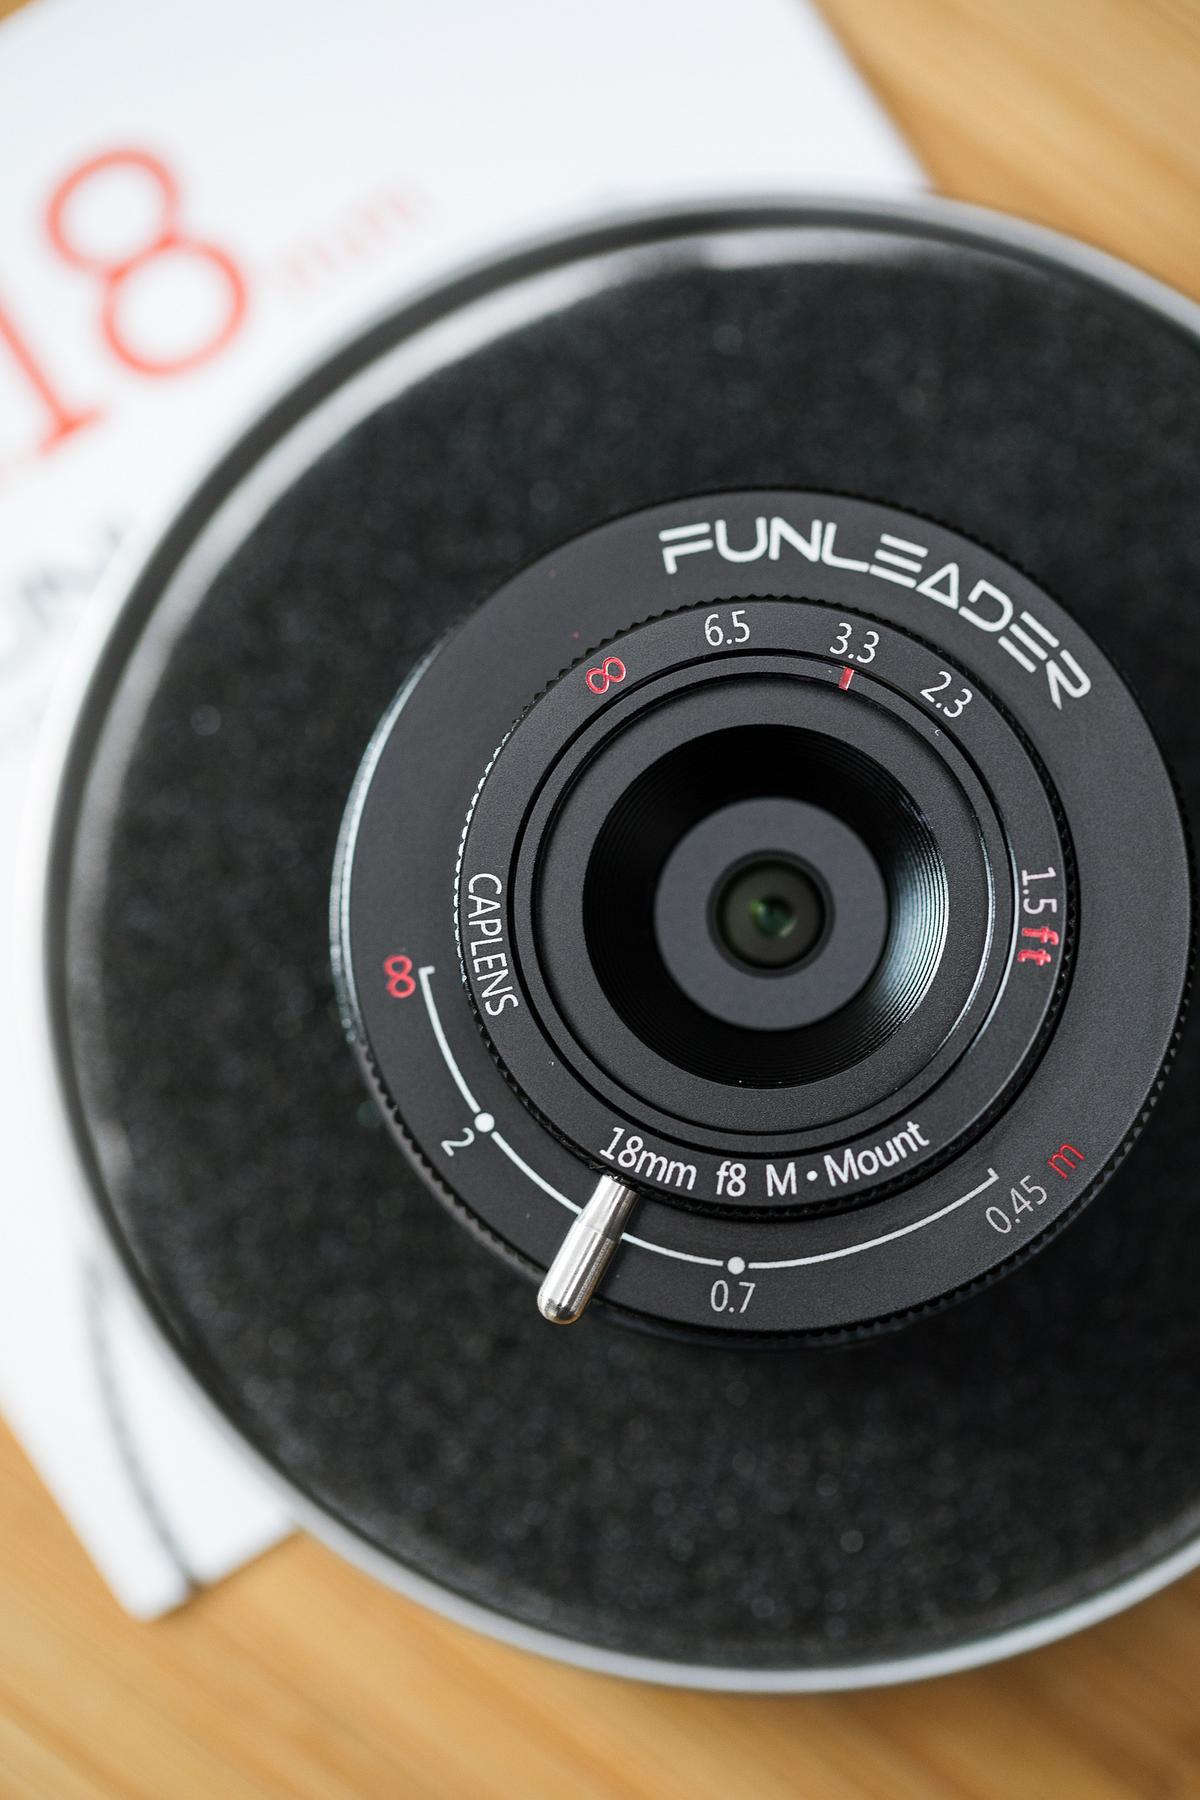 Funleader M Mount 18mm